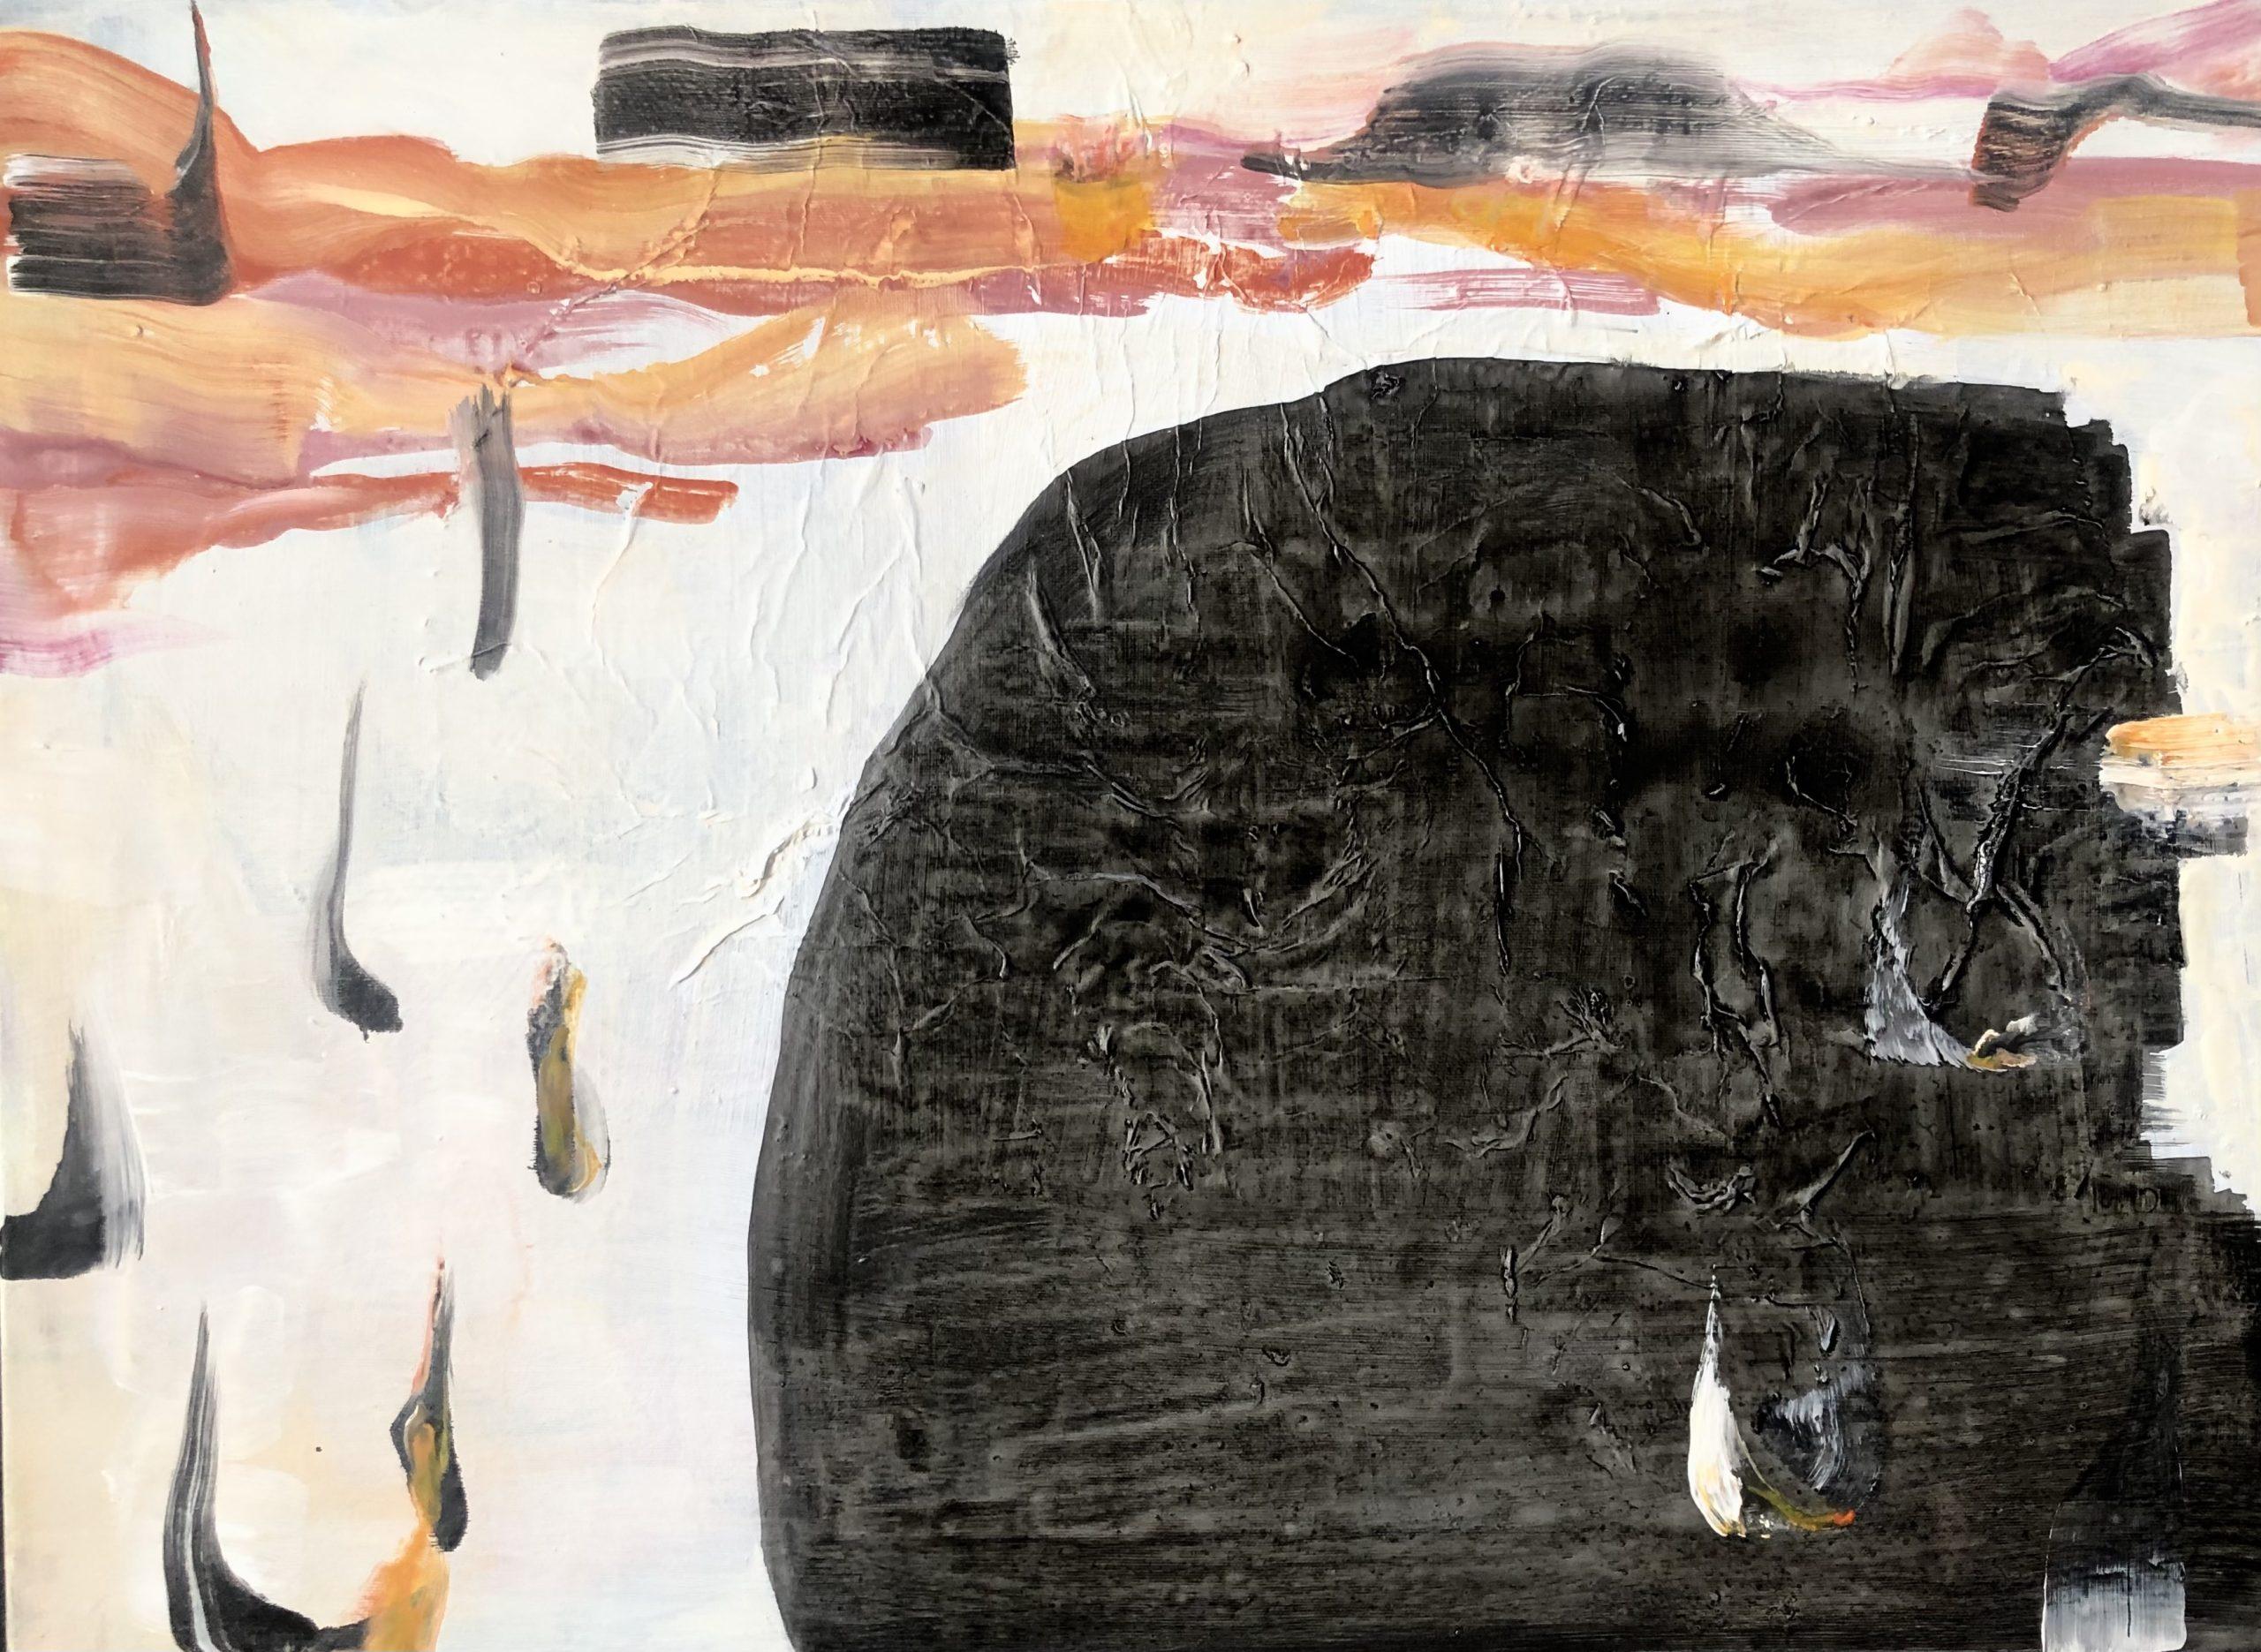 Abstrakti mustavalkoinen maalaus, pinta osittan rypytettyä papperia, tunnelmaltaan rauhallinen ja harmoninen.